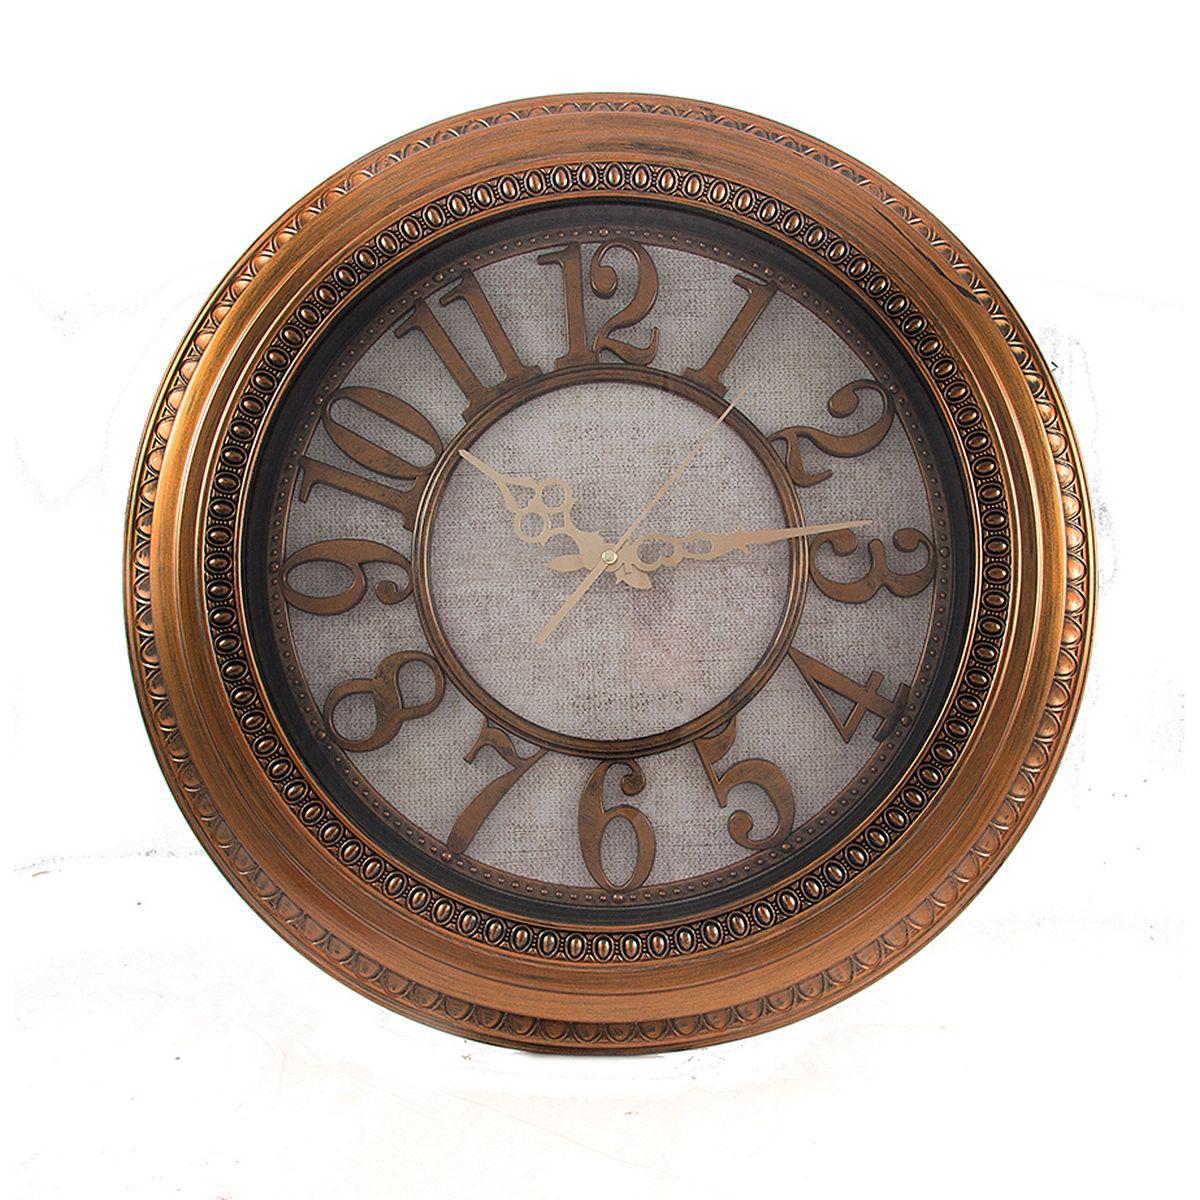 Часы настенные Русские Подарки, цвет: бронзовый,  диаметр 53 см. 222438 фоторамки русские подарки фоторамка